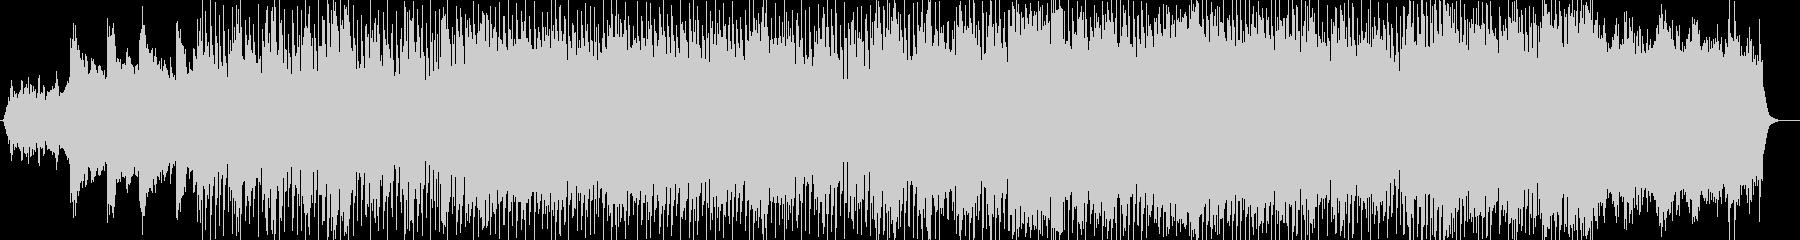 オープニングにぴったりなシンセアンセムの未再生の波形